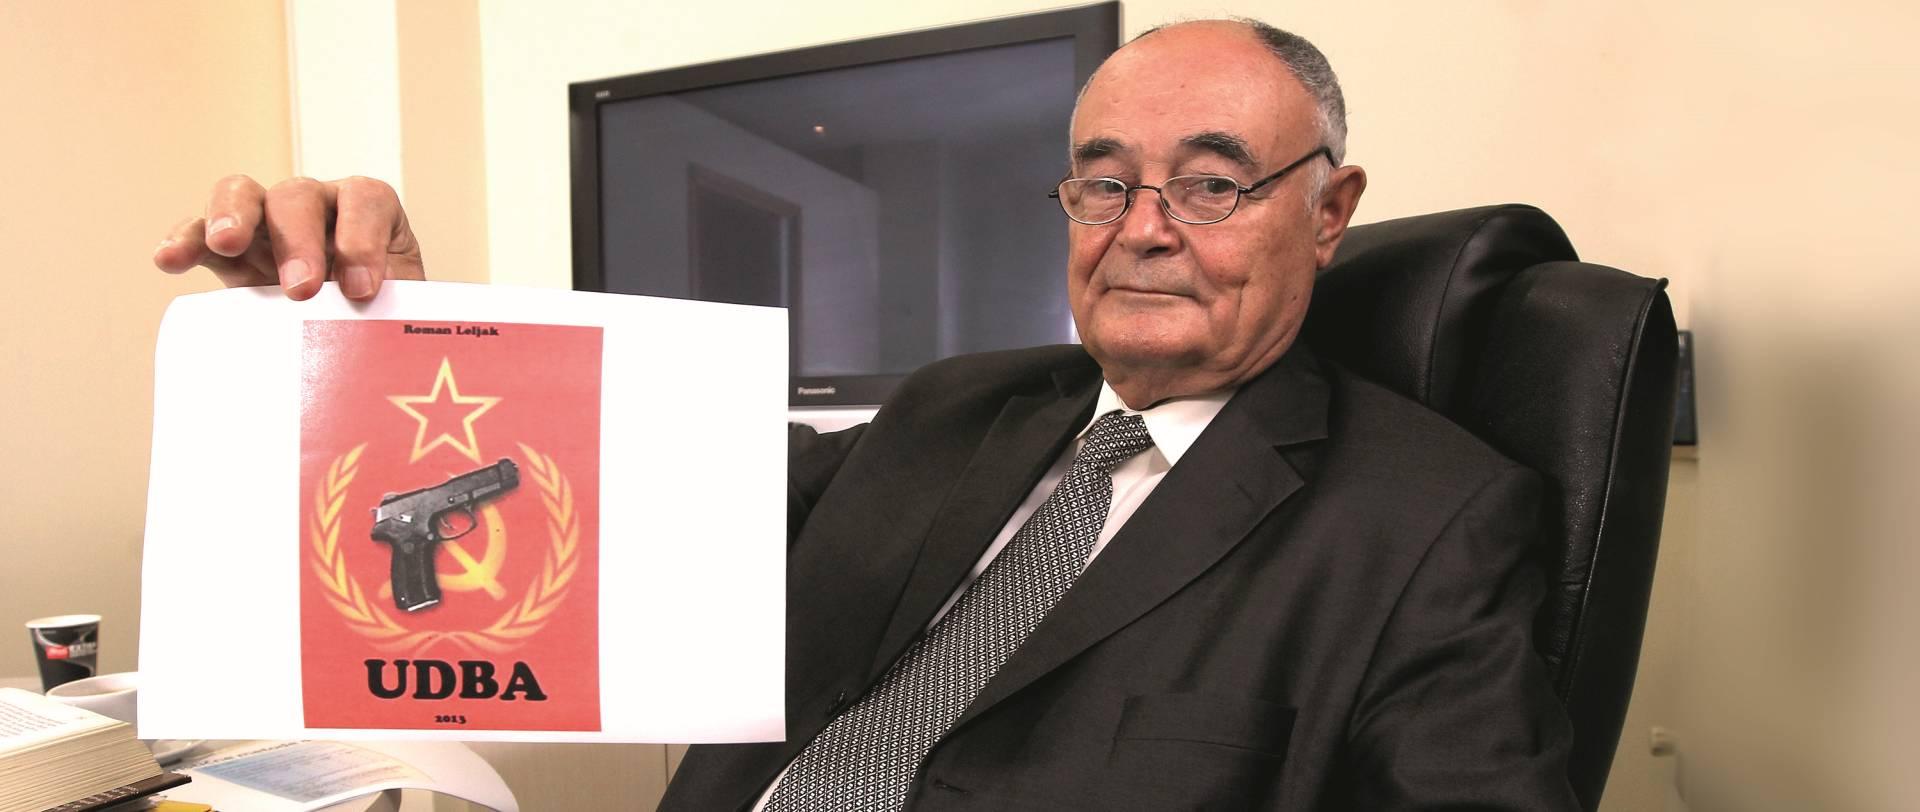 NACIONAL OTKRIVA STROGO ČUVANU TAJNU: Popis 205 tajnih dosjea koje je 90-tih ukrao Vice Vukojević